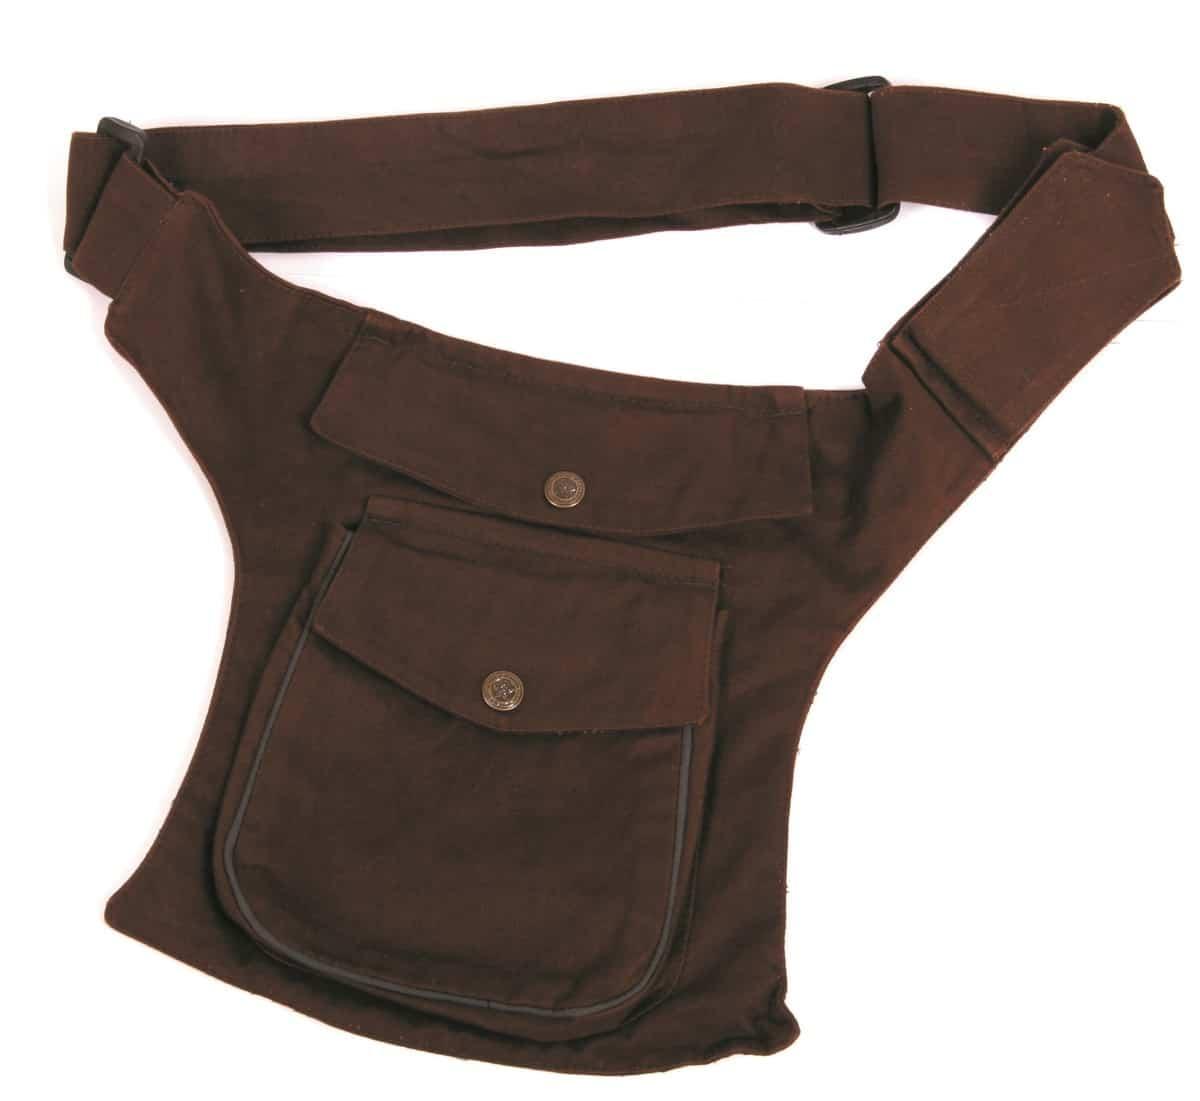 Utility Belt Bag With Pockets